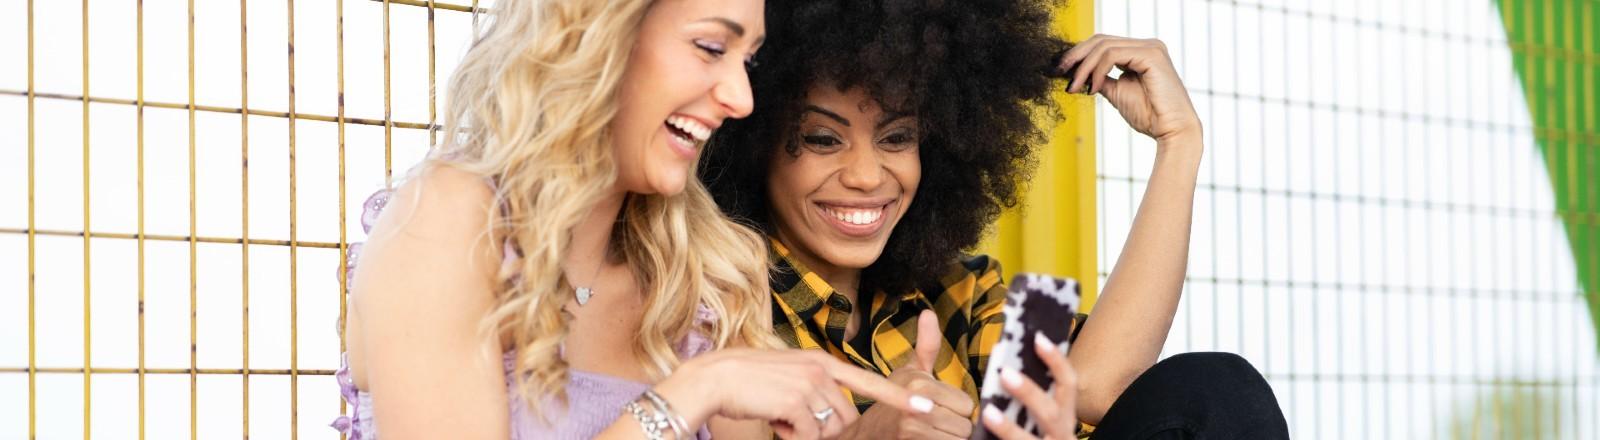 Zwei Junge Frauen lachen über etwas auf einem Handy.